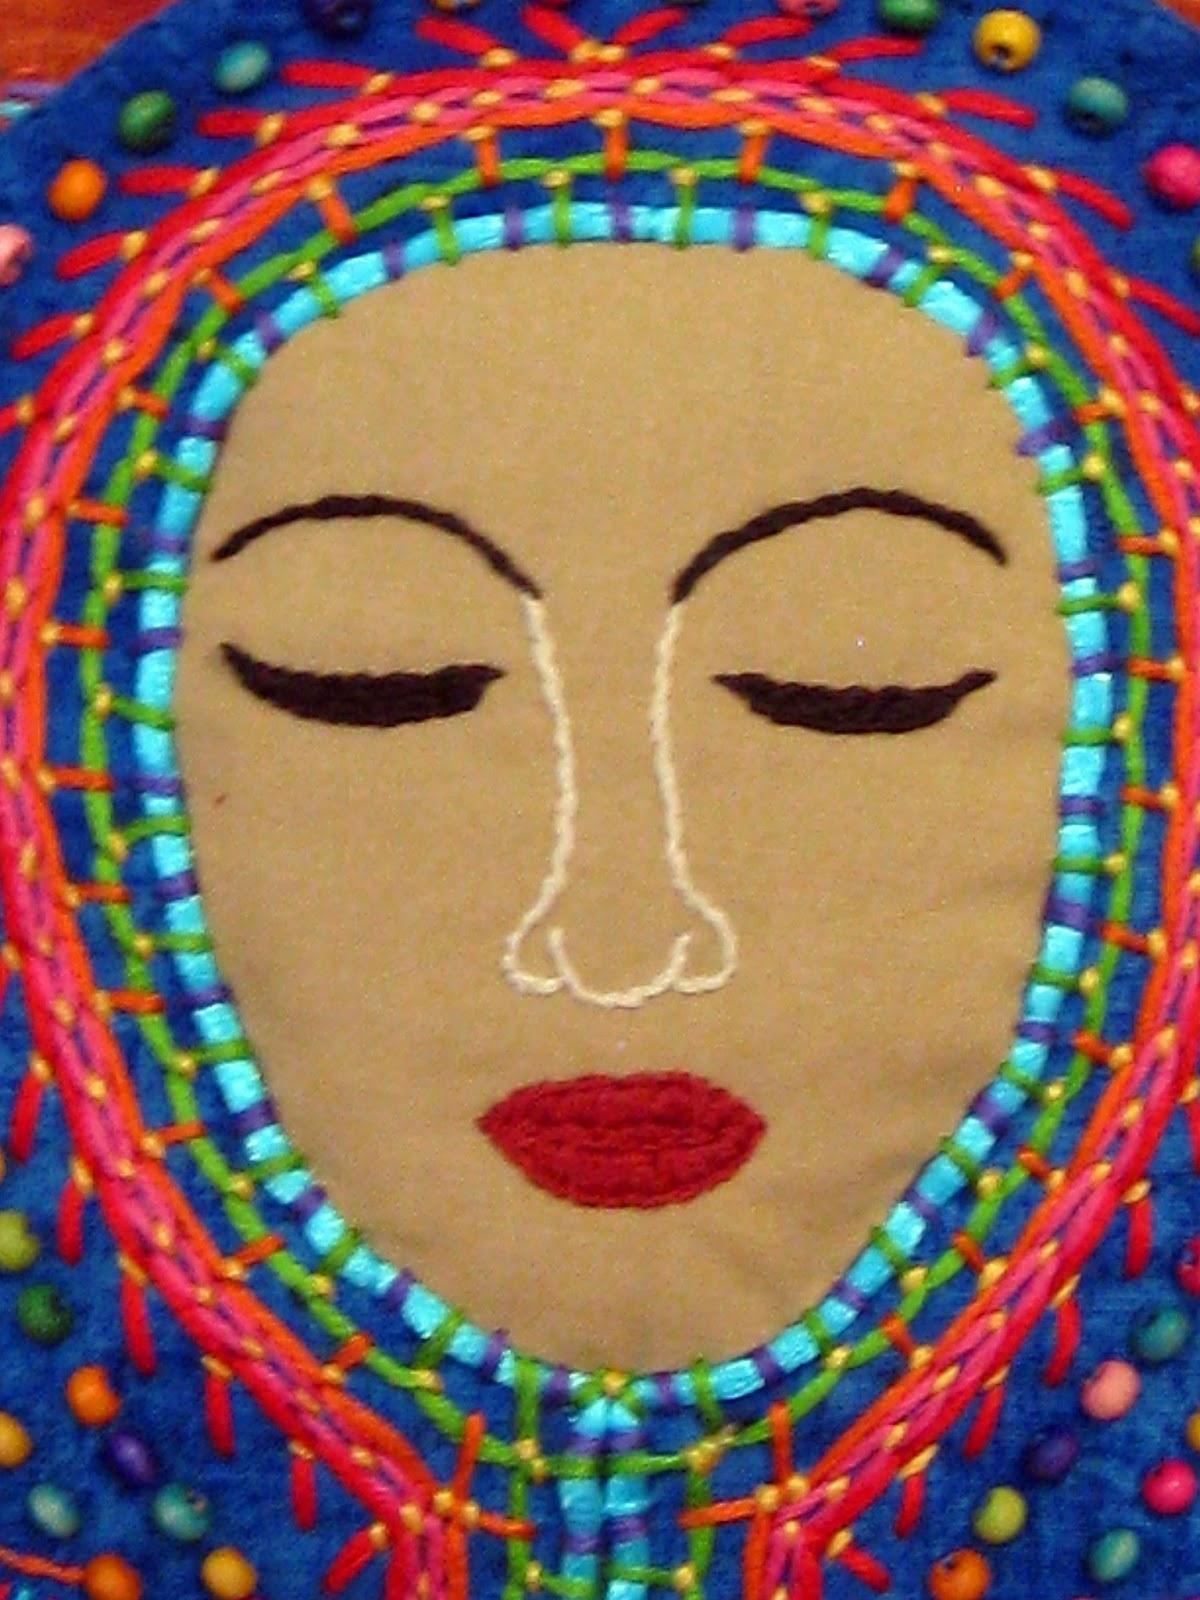 http://2.bp.blogspot.com/-ATeDJccgXq4/UU_RcyHAvQI/AAAAAAAAEWI/Ql7polme4YY/s1600/Mexican-madonna-4.jpg